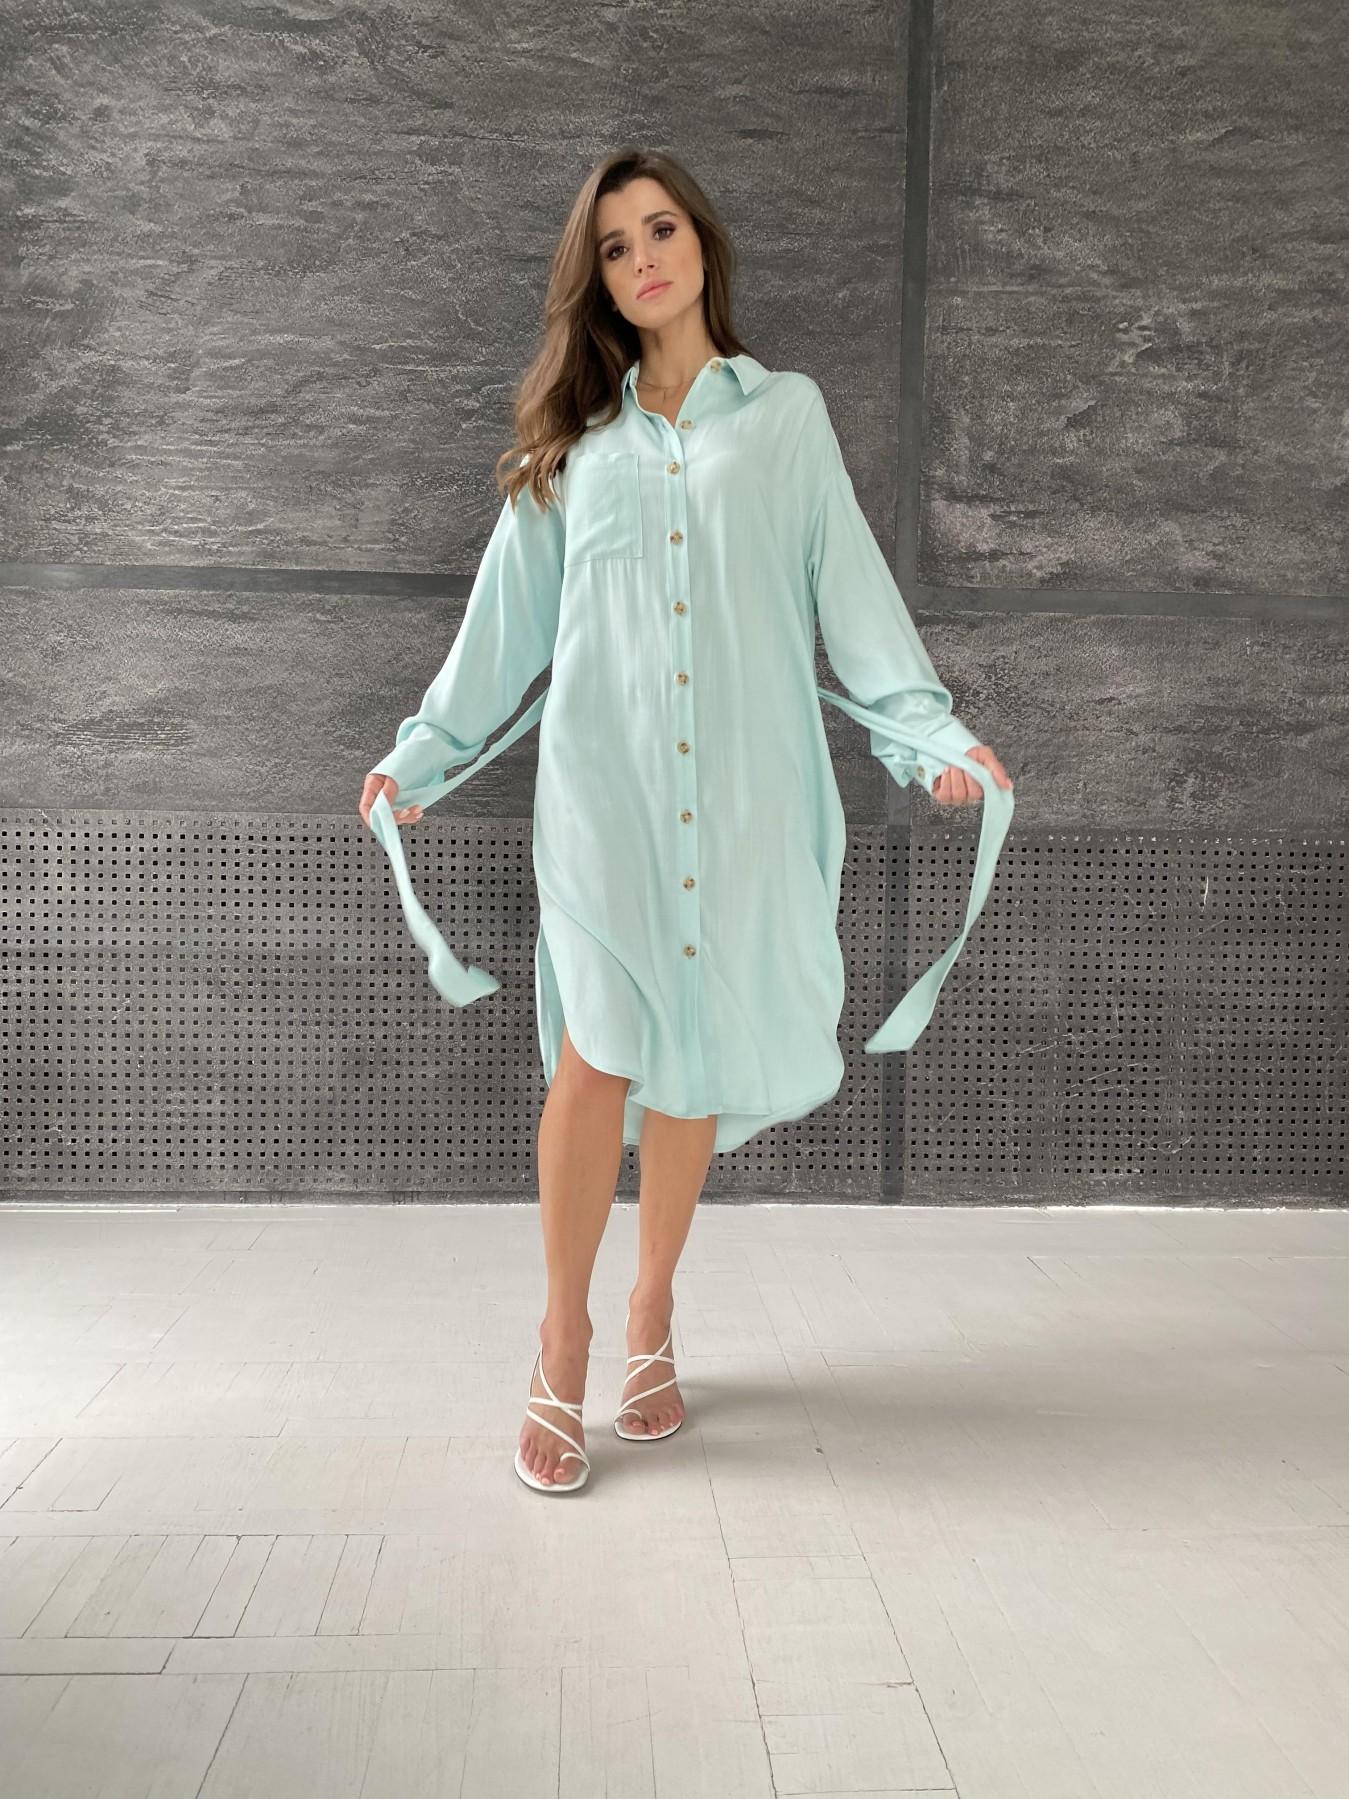 Сиэтл  рубашка миди лен вискоза не стрейч 11607 АРТ. 48287 Цвет: Мята - фото 1, интернет магазин tm-modus.ru